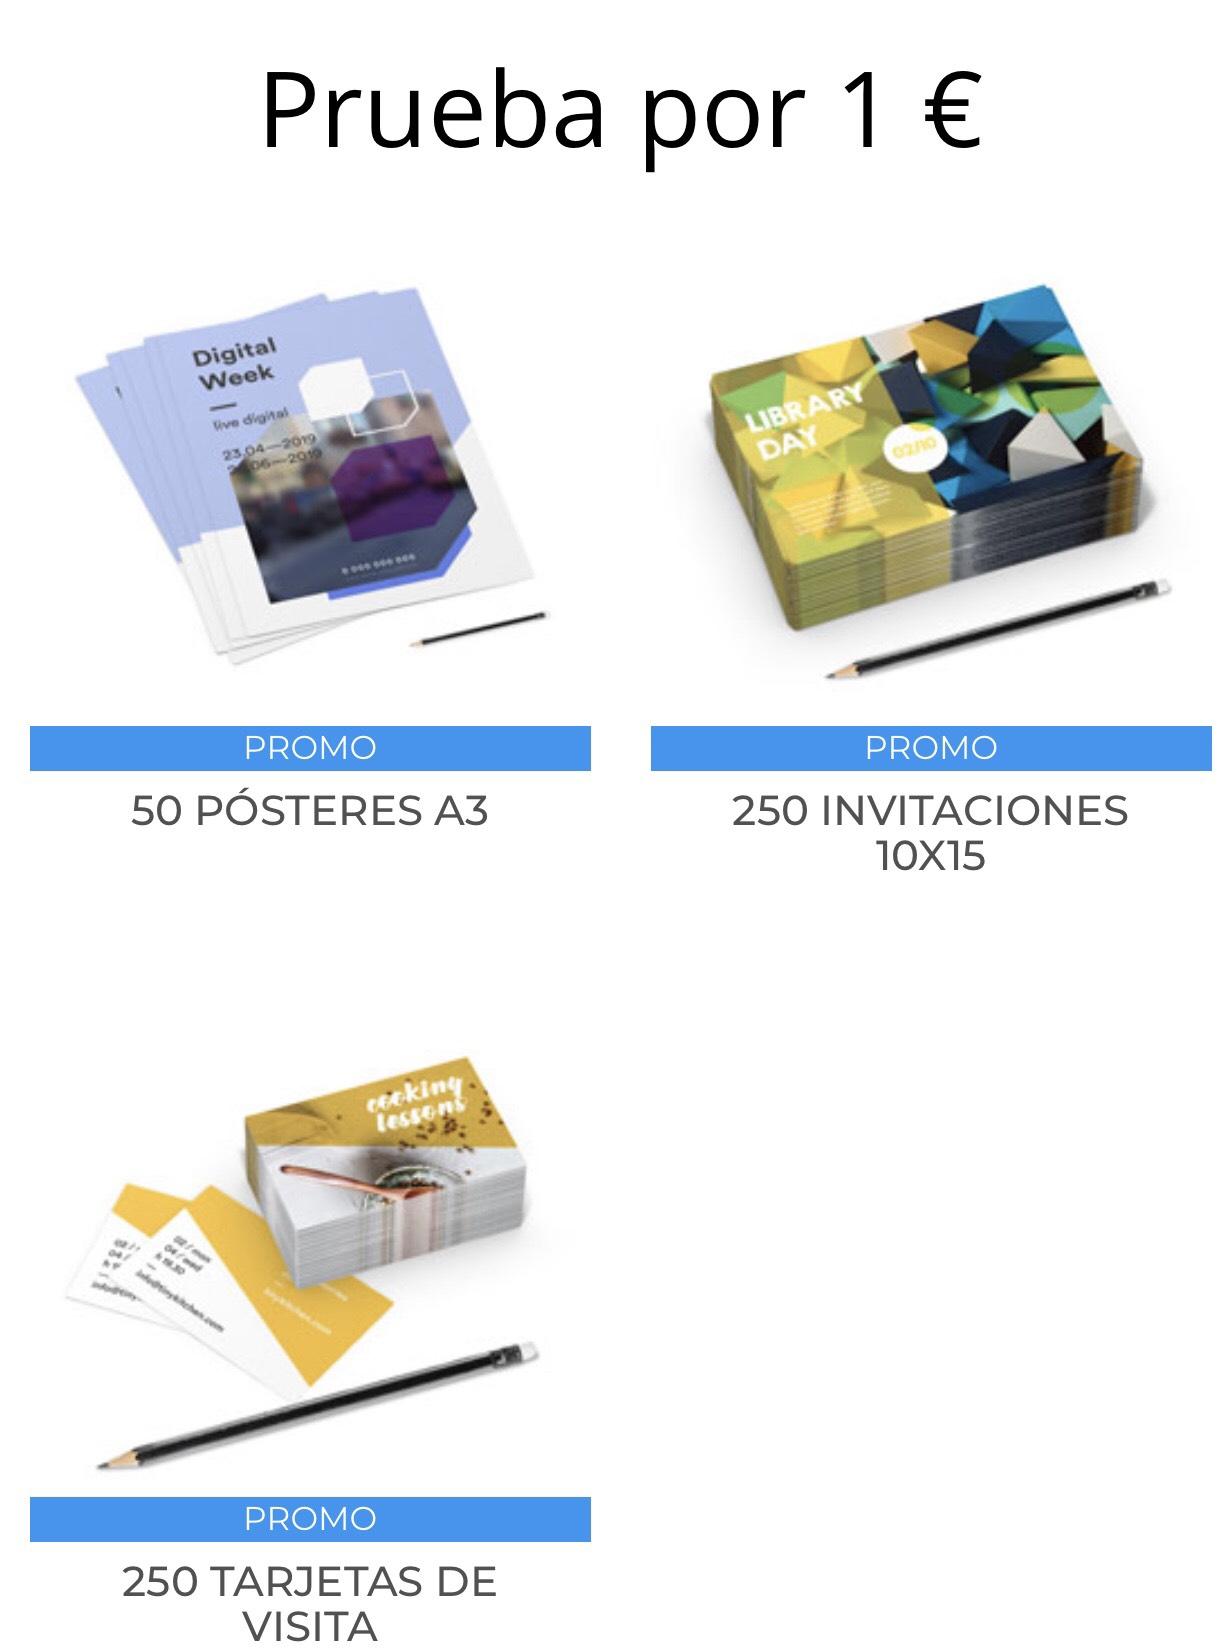 ¡Prueba por 1€ productos de Pixartprinting!